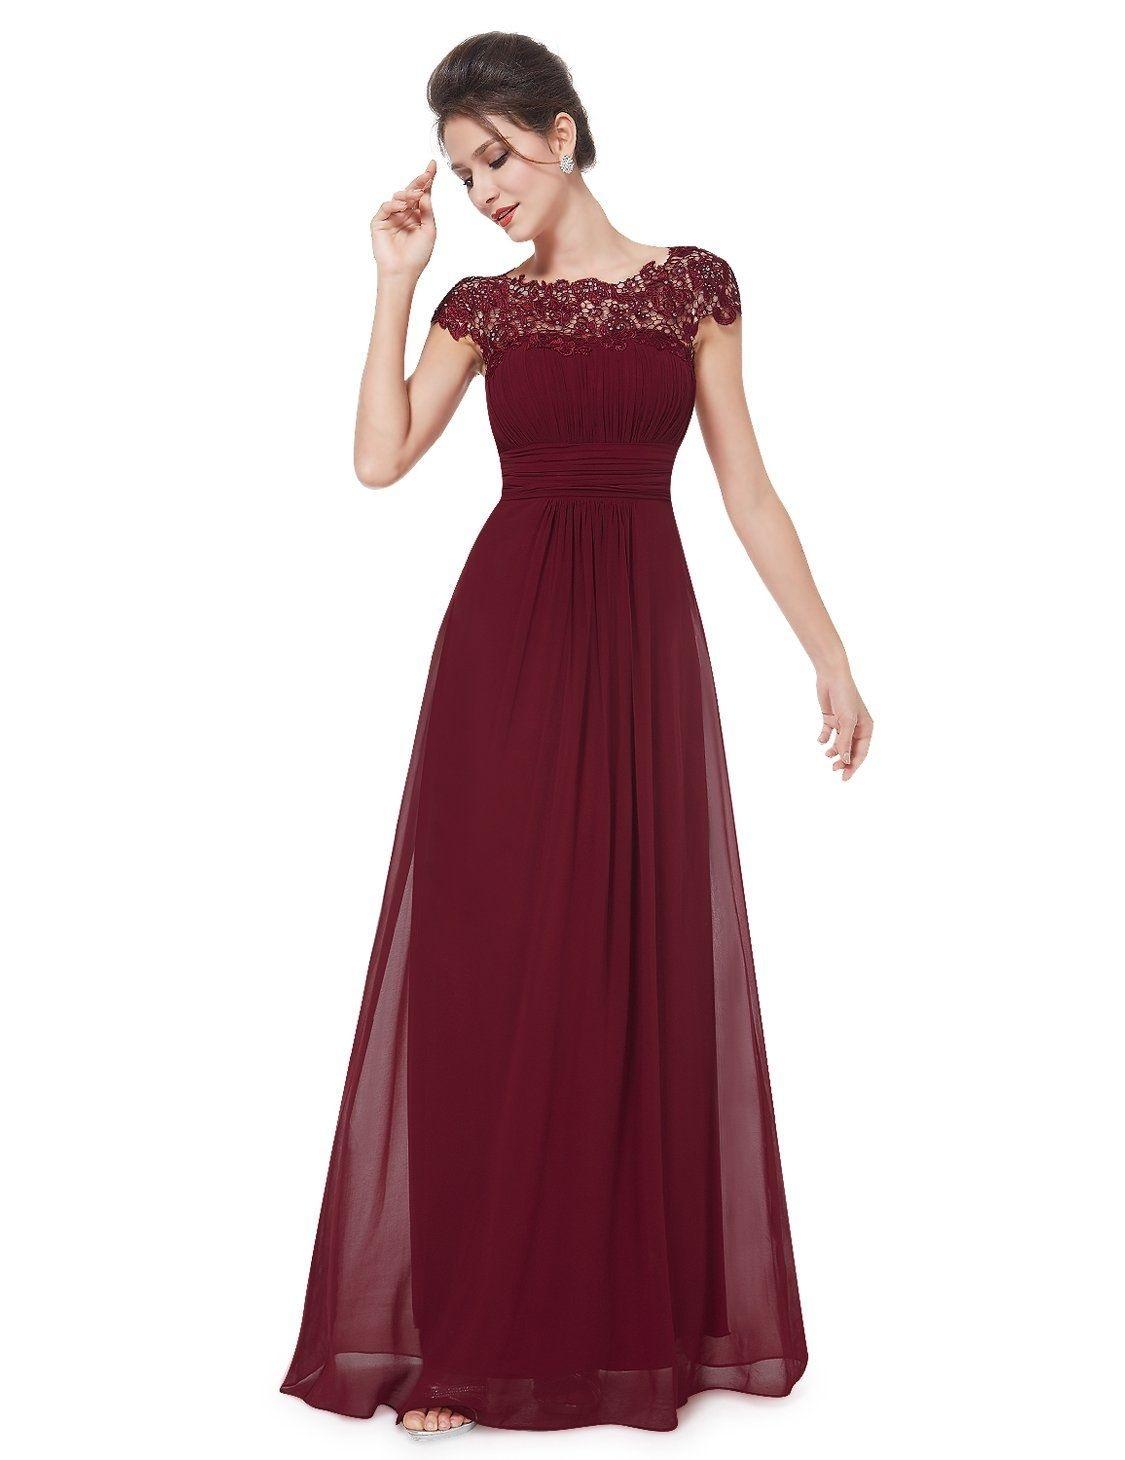 17 Elegant Abendkleider Lang Damen Stylish20 Elegant Abendkleider Lang Damen Boutique